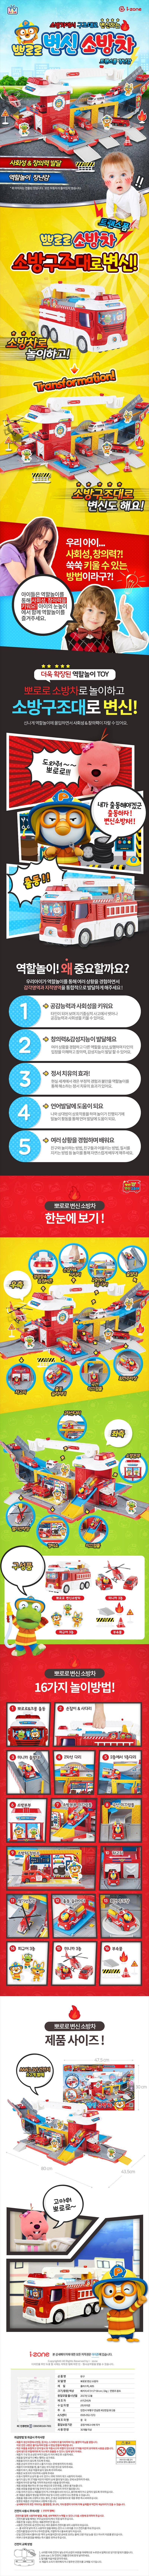 아이존 뽀로로 변신 소방차(15083) 뽀로로 장난감 변신소방차 소방차 어린이장난감 뽀로로장난감 뽀로로소방차 변신뽀로로 변신자동차 어린이뽀로로